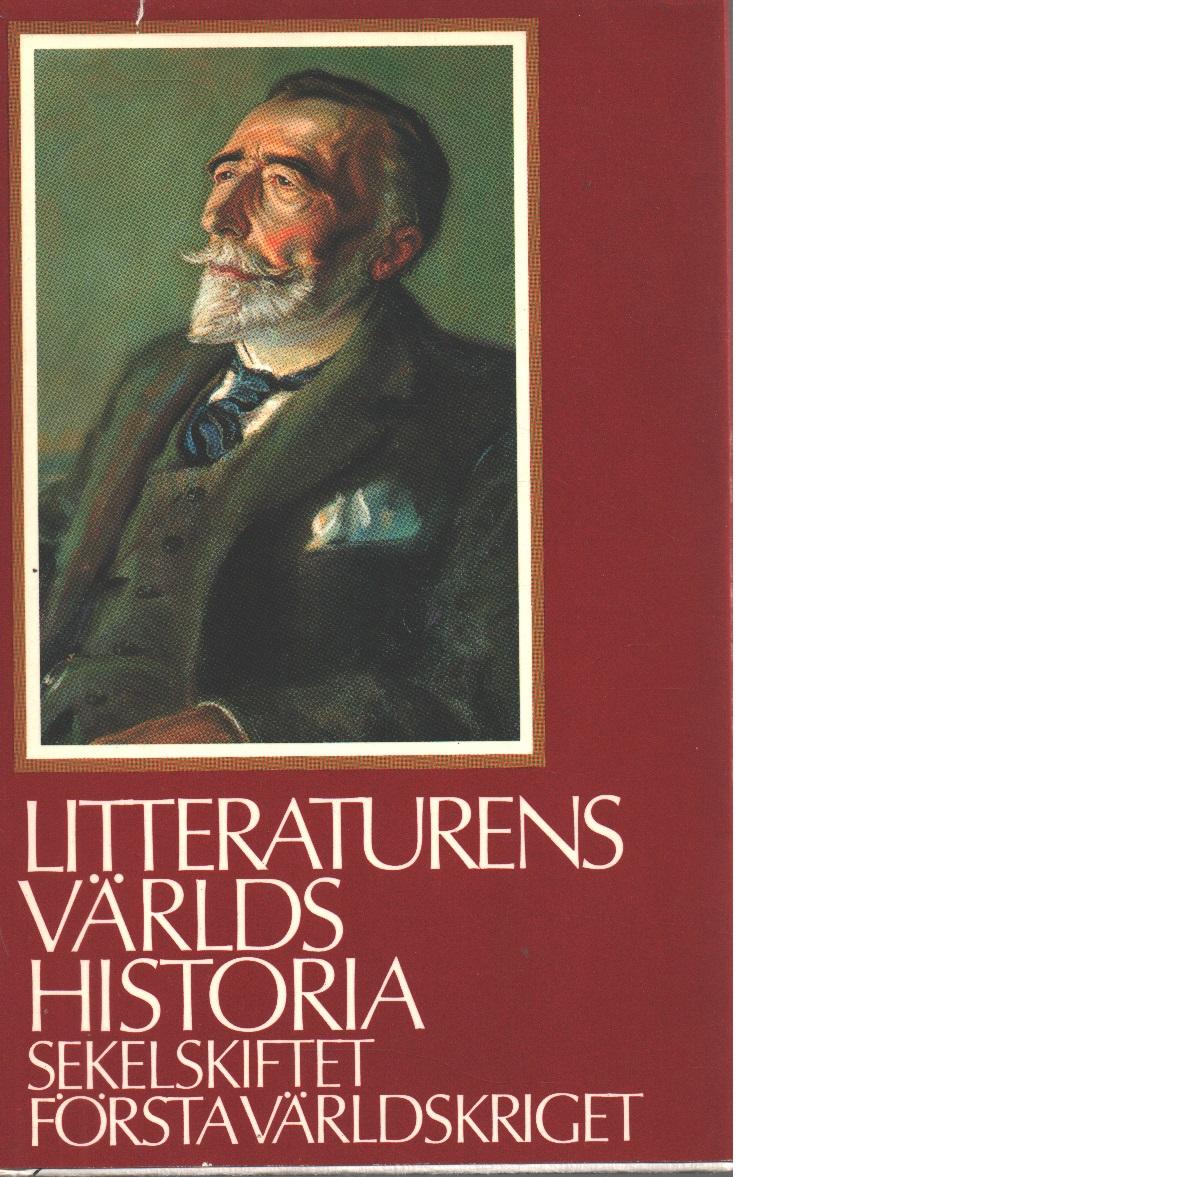 Litteraturens världshistoria [Bd 10] Sekelskiftet. Första världskriget - Red.